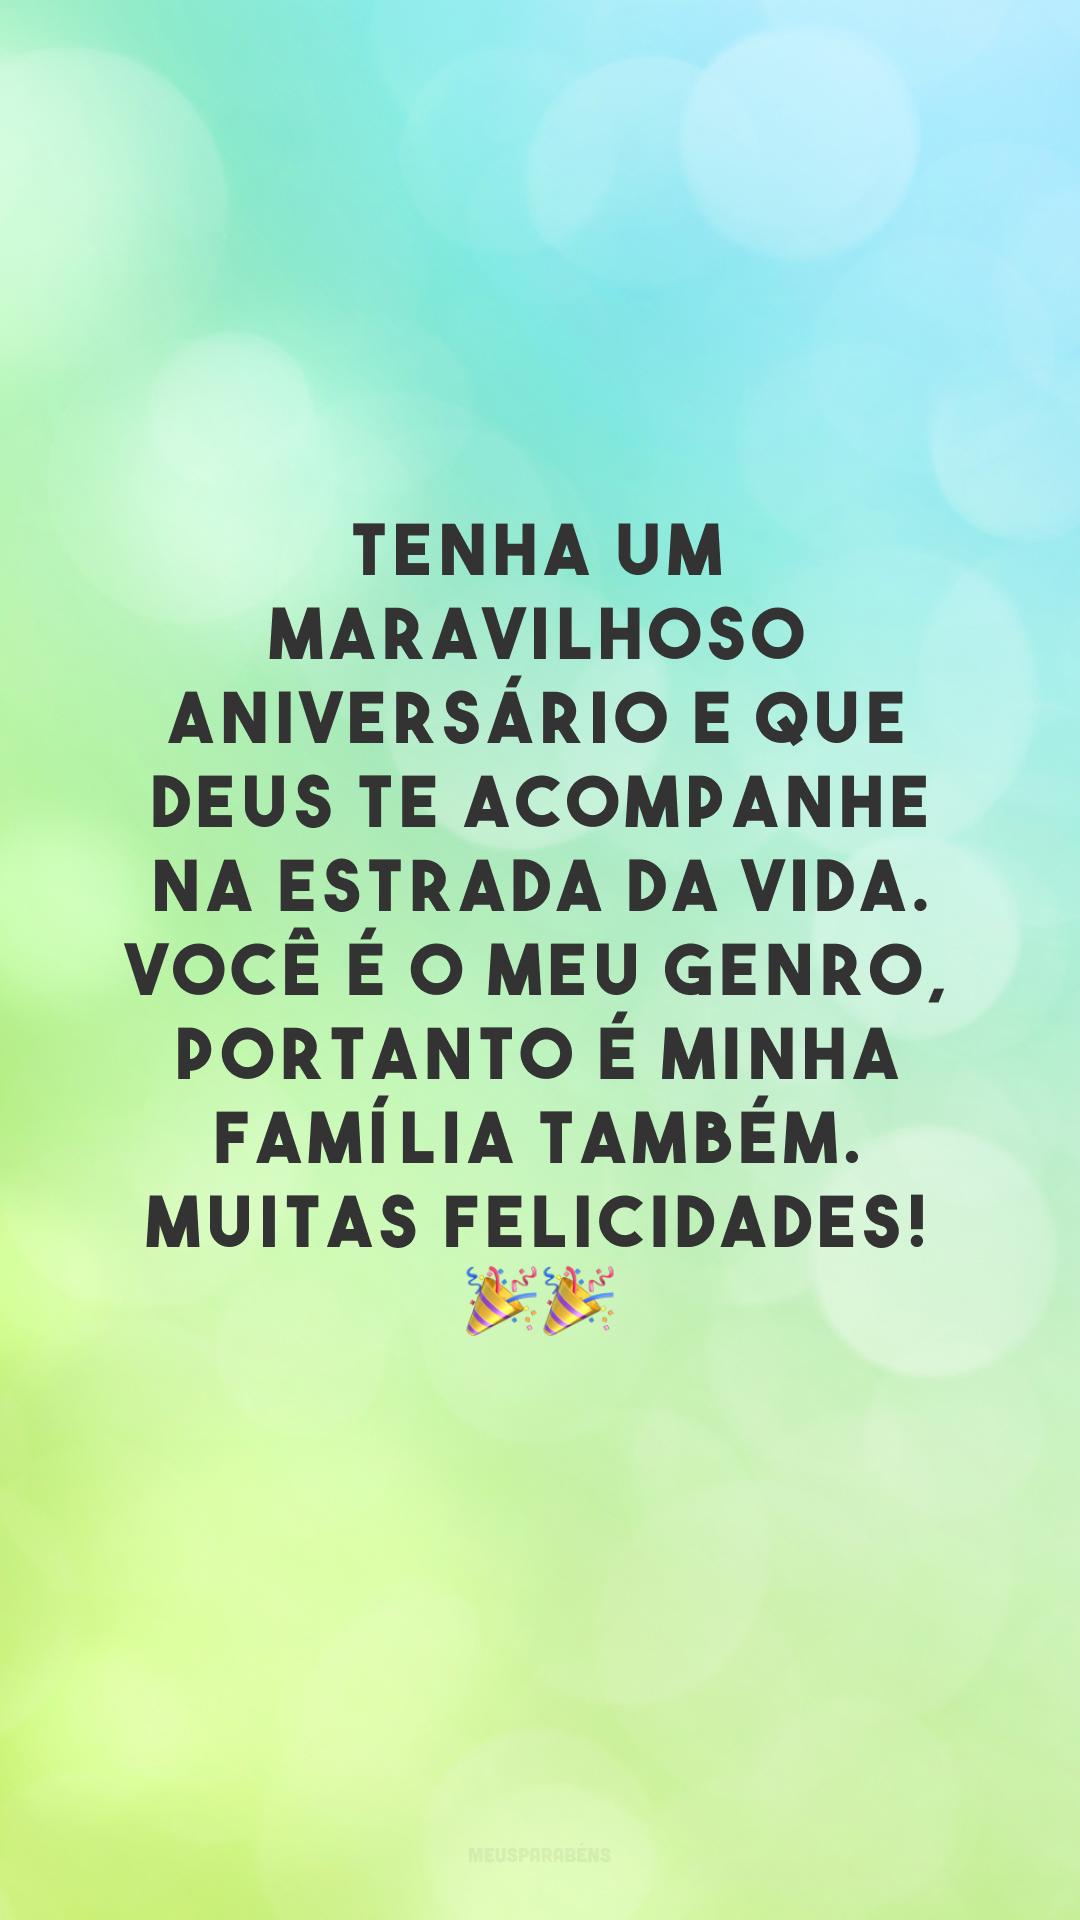 Tenha um maravilhoso aniversário e que Deus te acompanhe na estrada da vida. Você é o meu genro, portanto é minha família também. Muitas felicidades! 🎉🎉